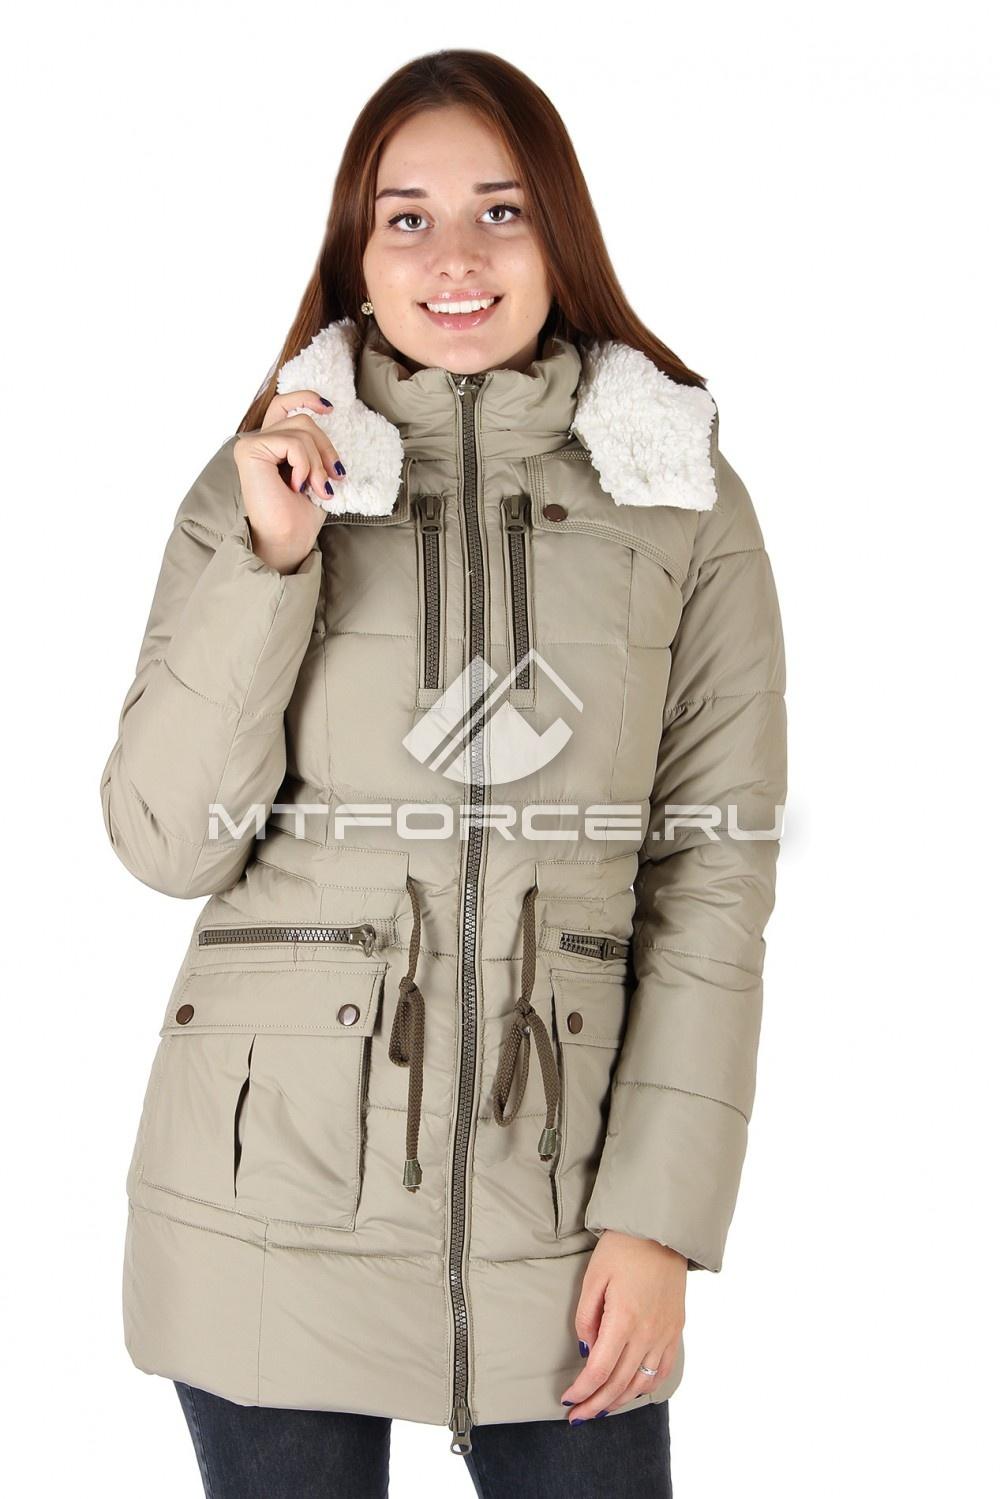 Одежда для рыбалки зимняя женская купить